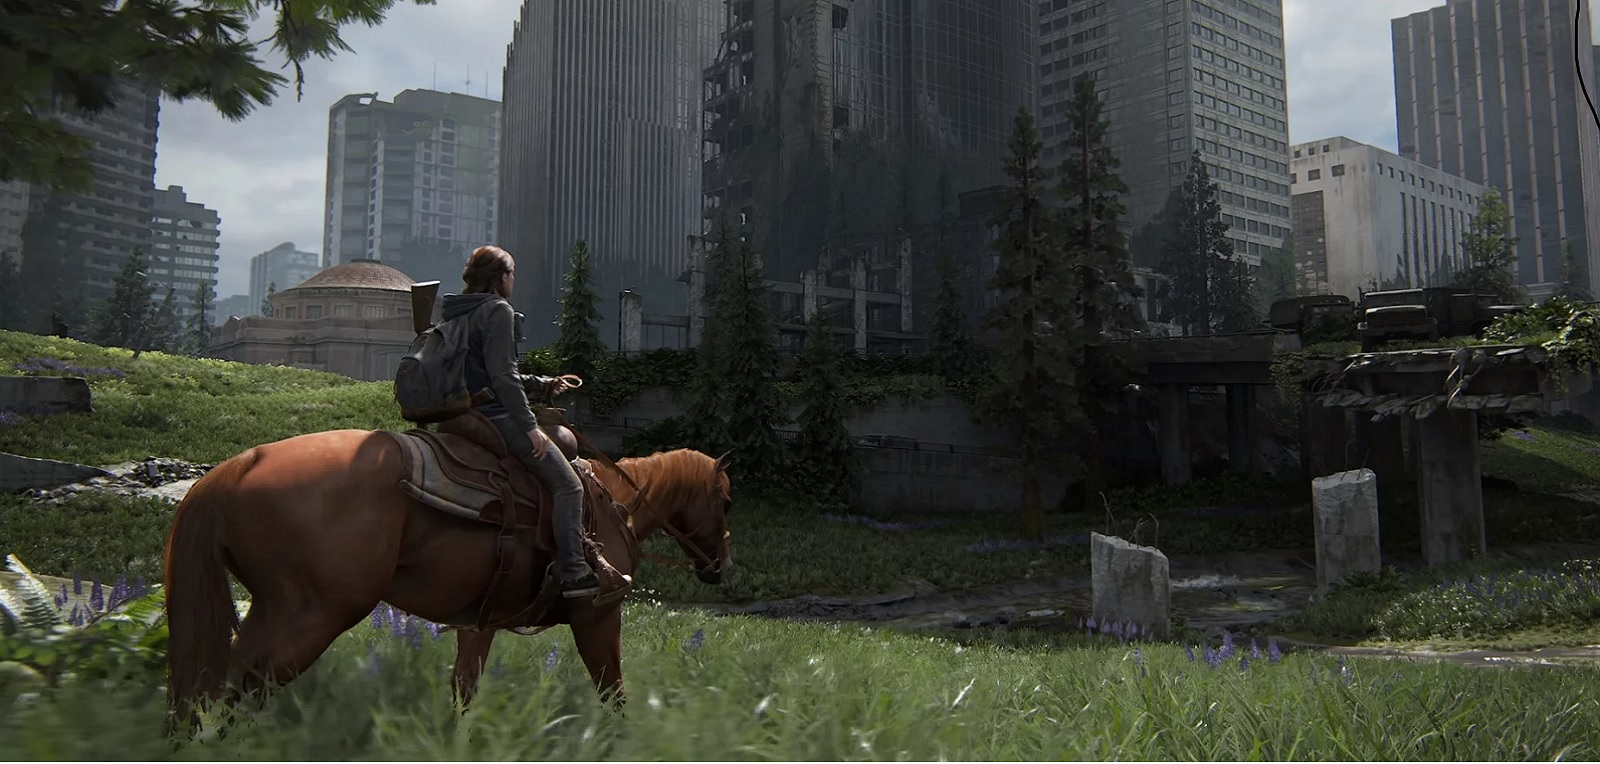 The Last of Us Part II artwork